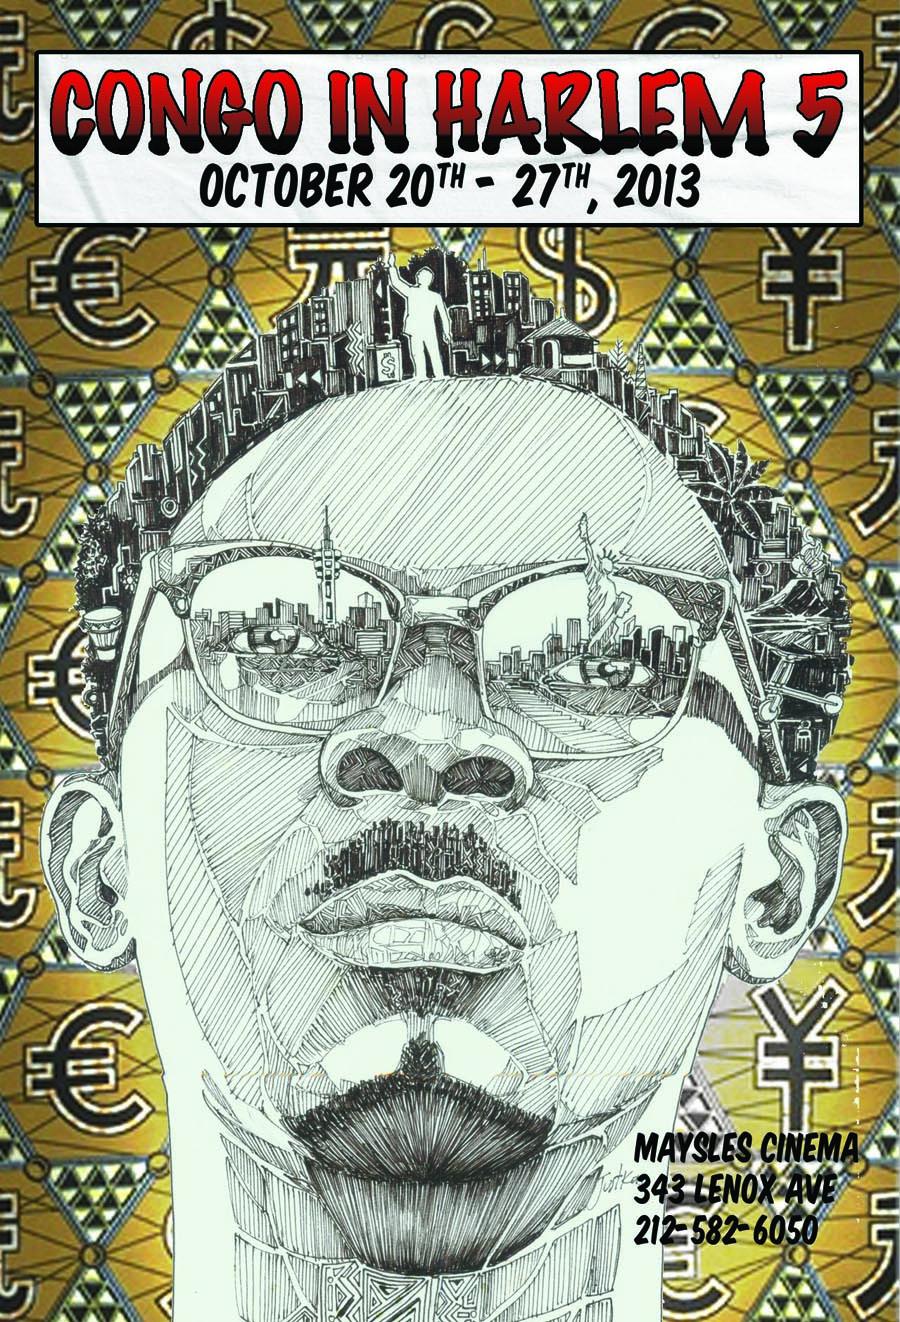 Congo in Harlem 5